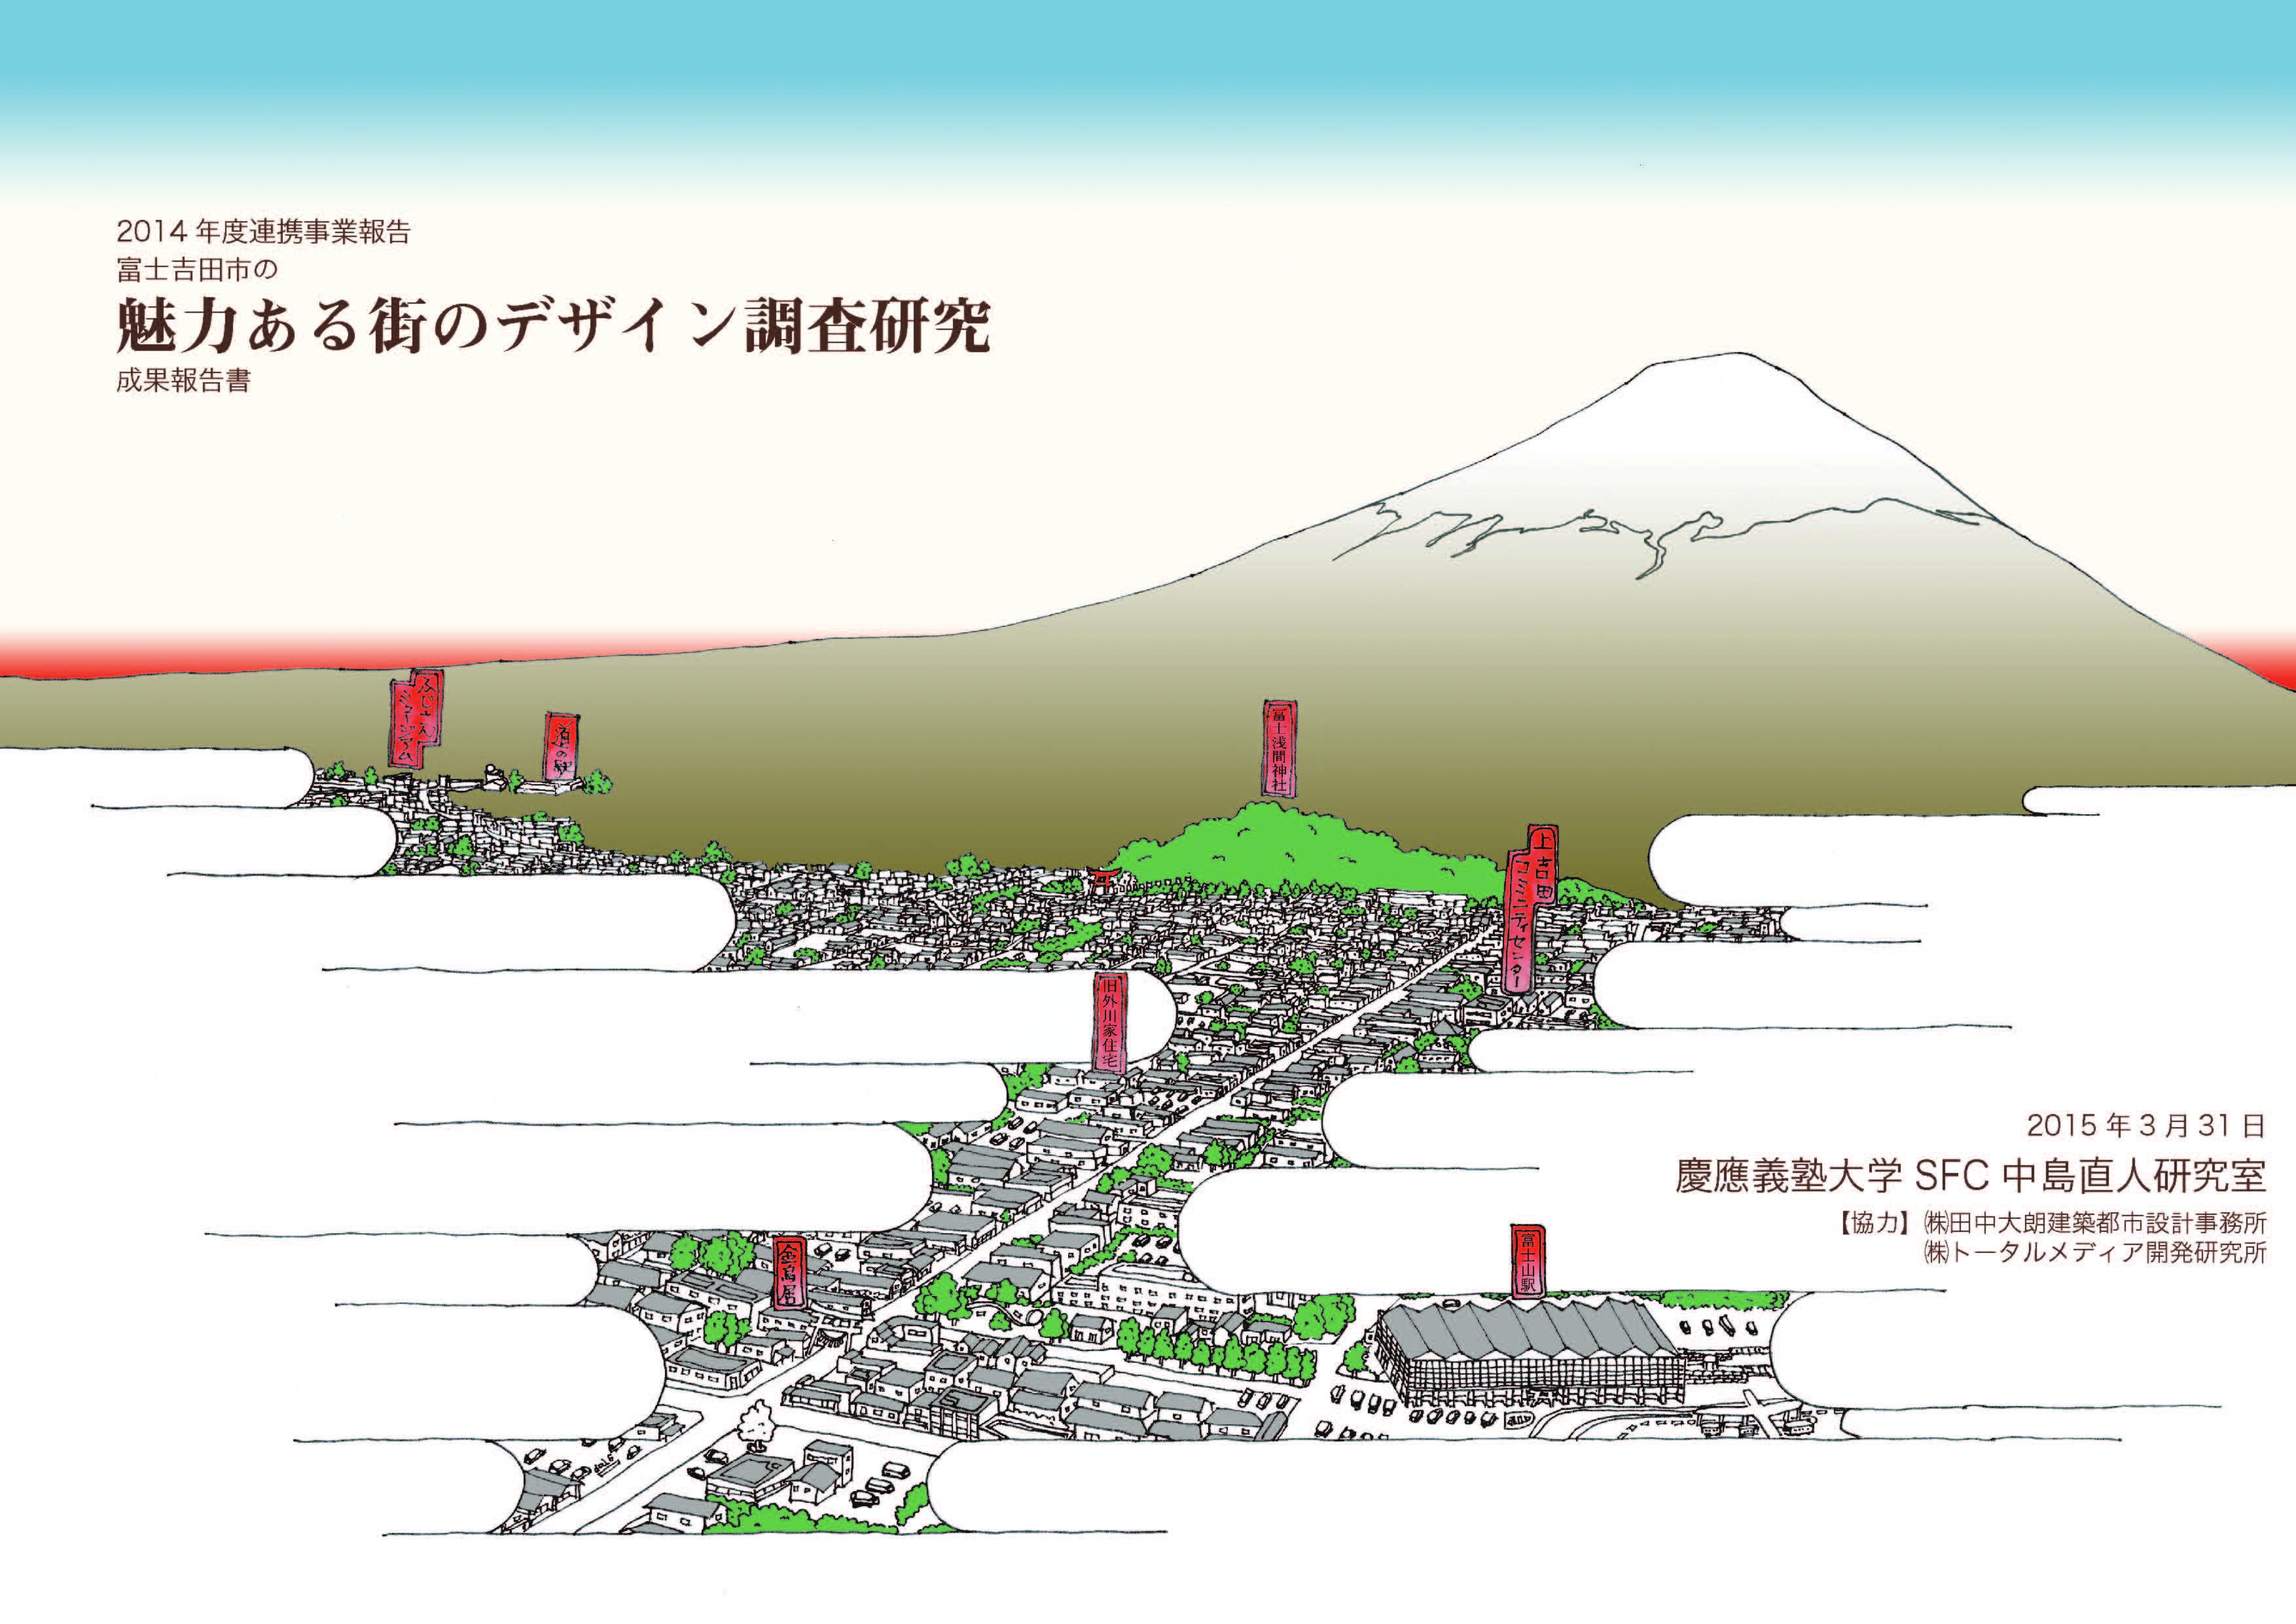 富士吉田市魅力ある街のデザイン(2014-)